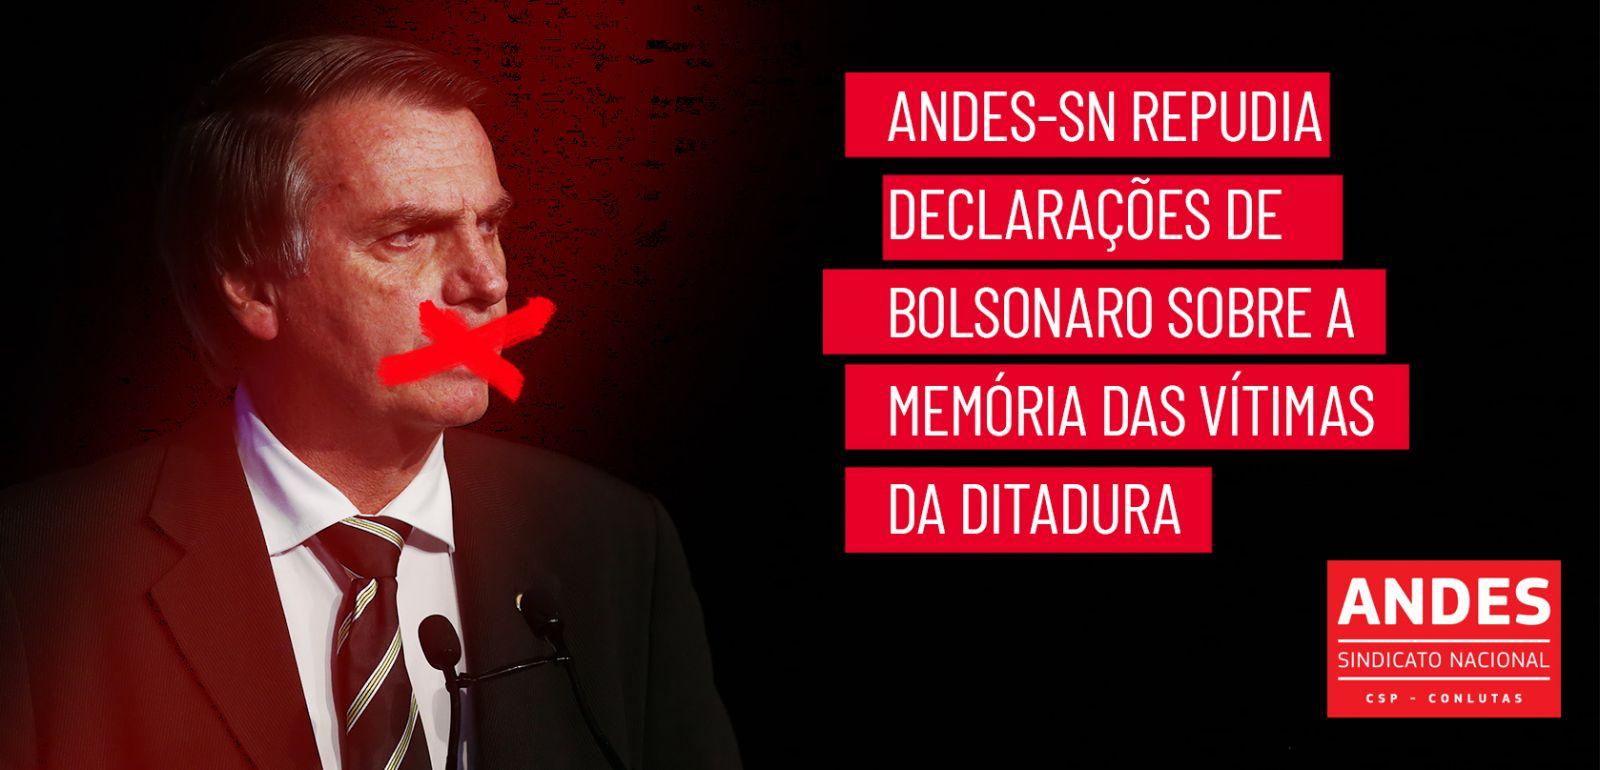 ANDES-SN repudia declaração de Bolsonaro sobre vítima da ditadura